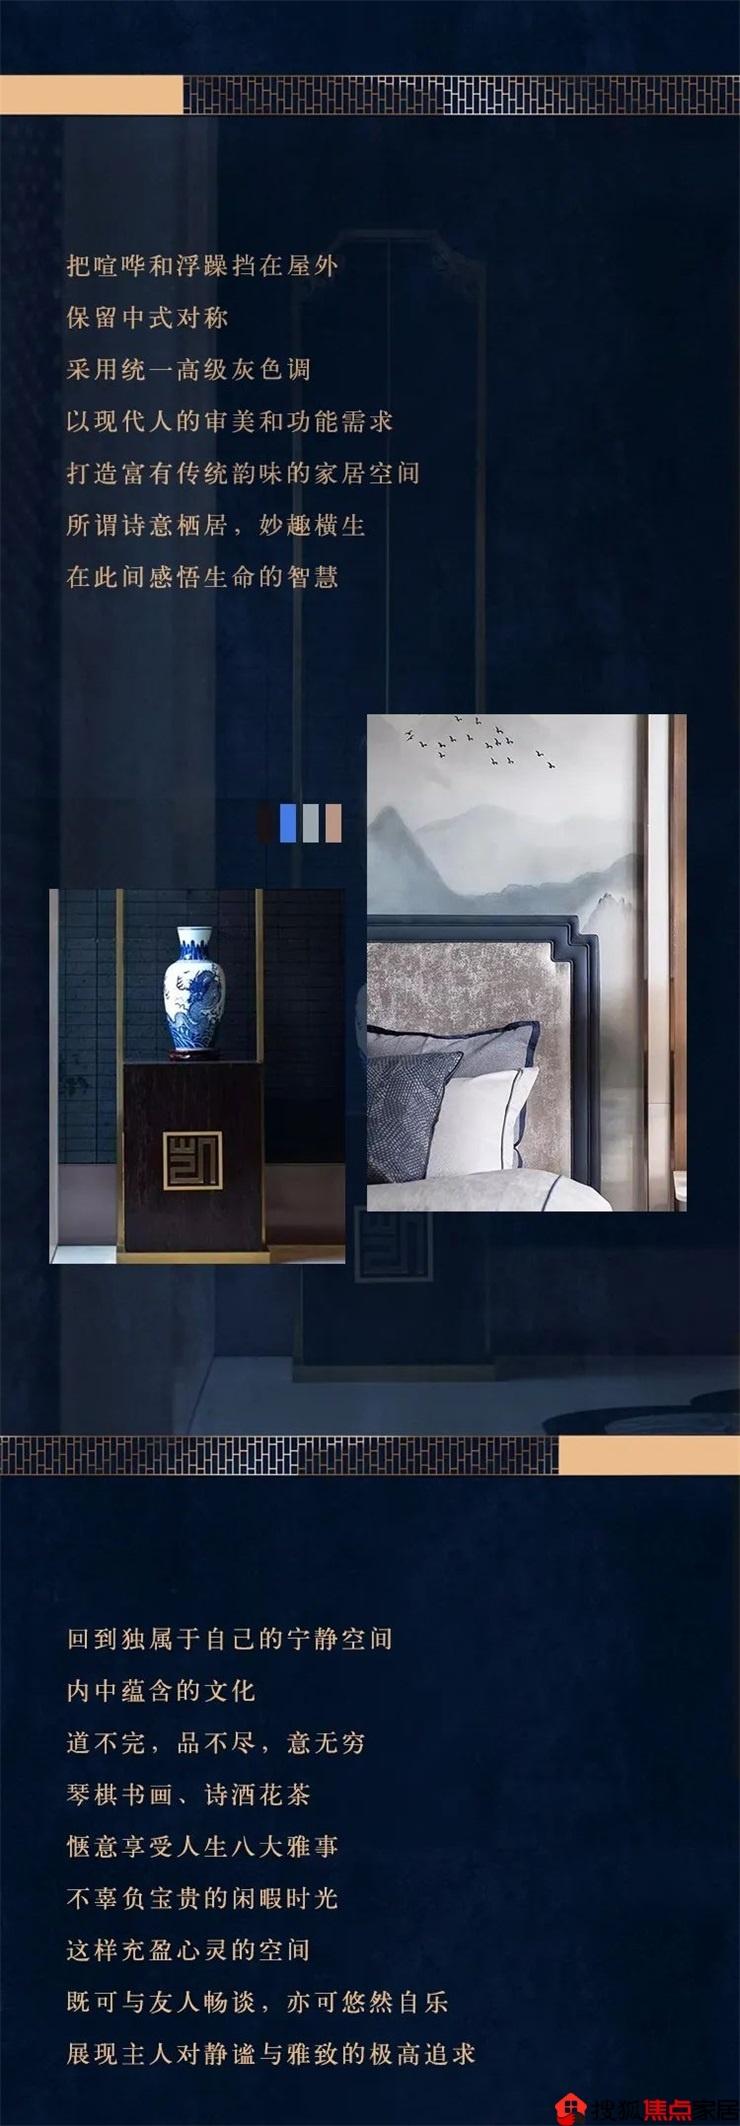 《【摩登3网上平台】【伊丽罗莎】优雅的心灵空间,独享世间尊贵与美好》